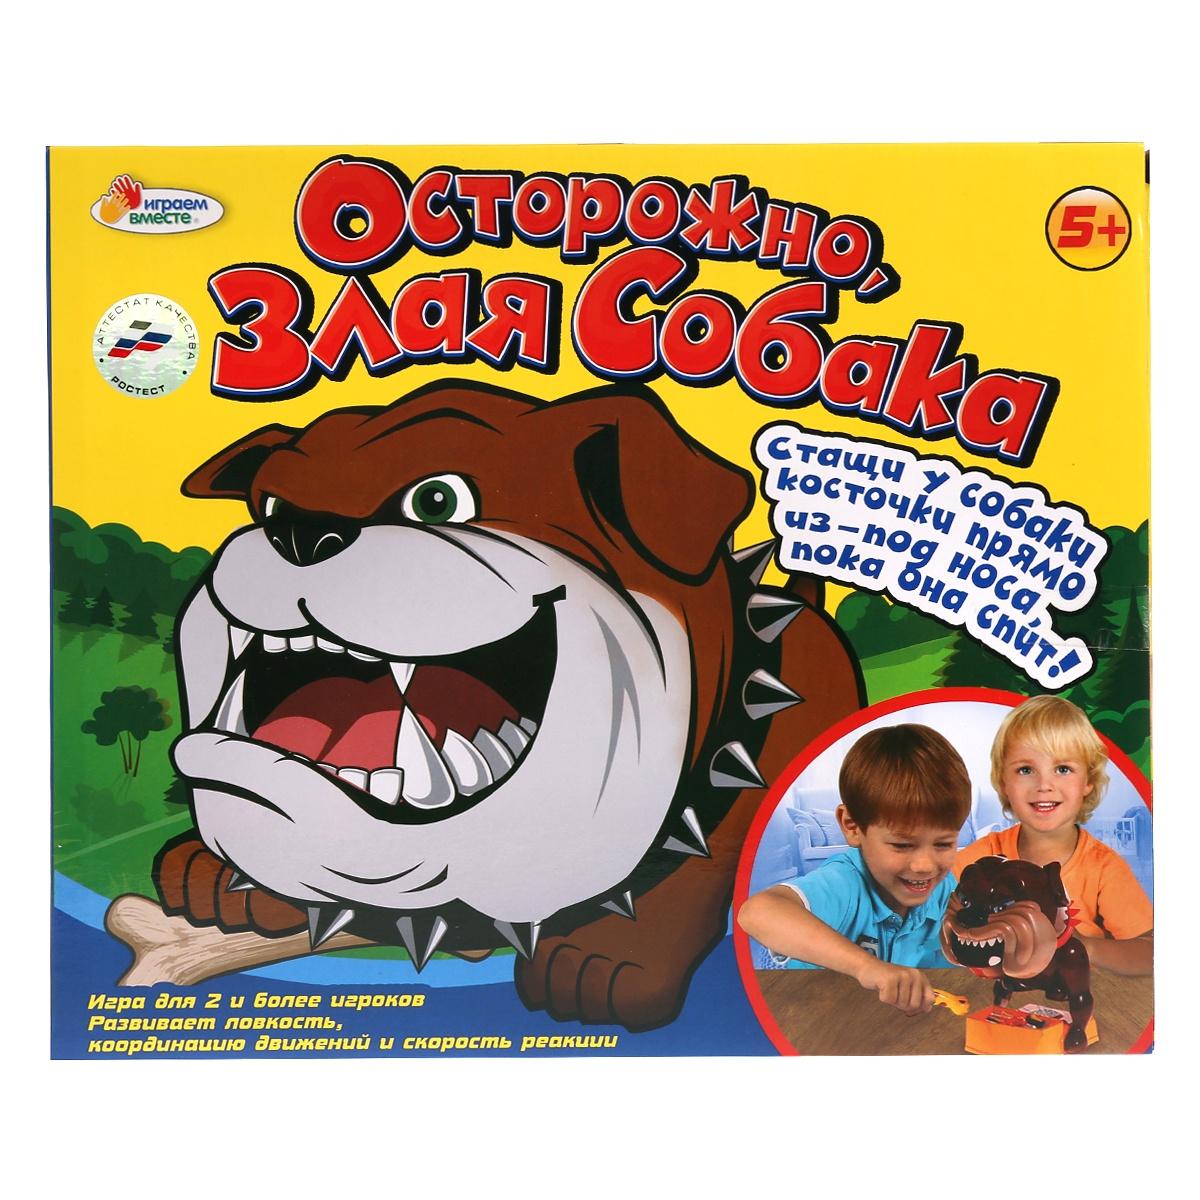 Настольная игра Играем вместе Осторожно, злая собака! на батарейках, 259721259721НАСТОЛЬНАЯ ИГРА ОСТОРОЖНО, ЗЛАЯ СОБАКА! НА БАТ. СО ЗВУКОМ, ТМ ИГРАЕМ ВМЕСТЕ в русс. кор.24шт Настольная игра Осторожно, злая собака - хит сезона! Дети приходят в восторг от этой эффектной игры на скорость реакции! В набор входит: фигурка зубастойсобаки с миской, косточки, специальный пинцет для вытягивания из миски косточек, комплект карточек. Правила игры простые. Каждый игрок по очереди вытягивает косточки из миски. Делать это надо очень аккуратно, чтобы не разбудить злого зубастого пса. Если вы всё-таки потревожили собаку, она не укусит, но может напугать. Разбуженный пёс вскакивает на ноги с громким лаем. В этом случае ваш ход проигран. Настольная игра Осторожно, злая собака развивает ловкость, скорость реакции и координацию движений, а также подарит детям весёлое времяпрепровождение. Рекомендовано детям с 5 лет. Игра предназначена для 2 и более игроков.